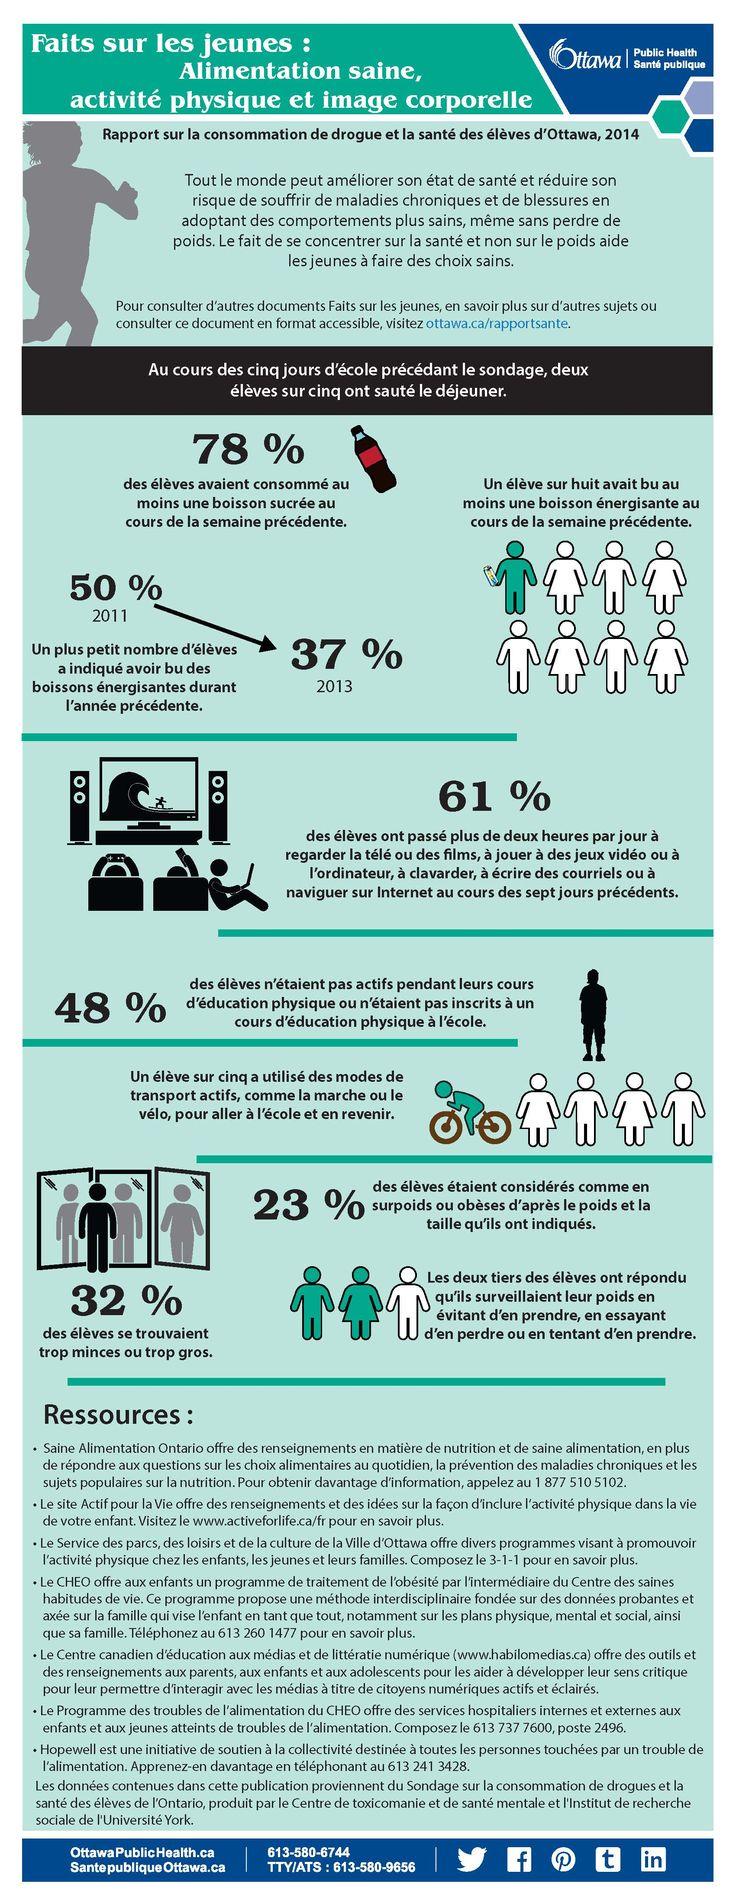 Faits sur les jeunes :  Alimentation saine, activité physique et image corporelle